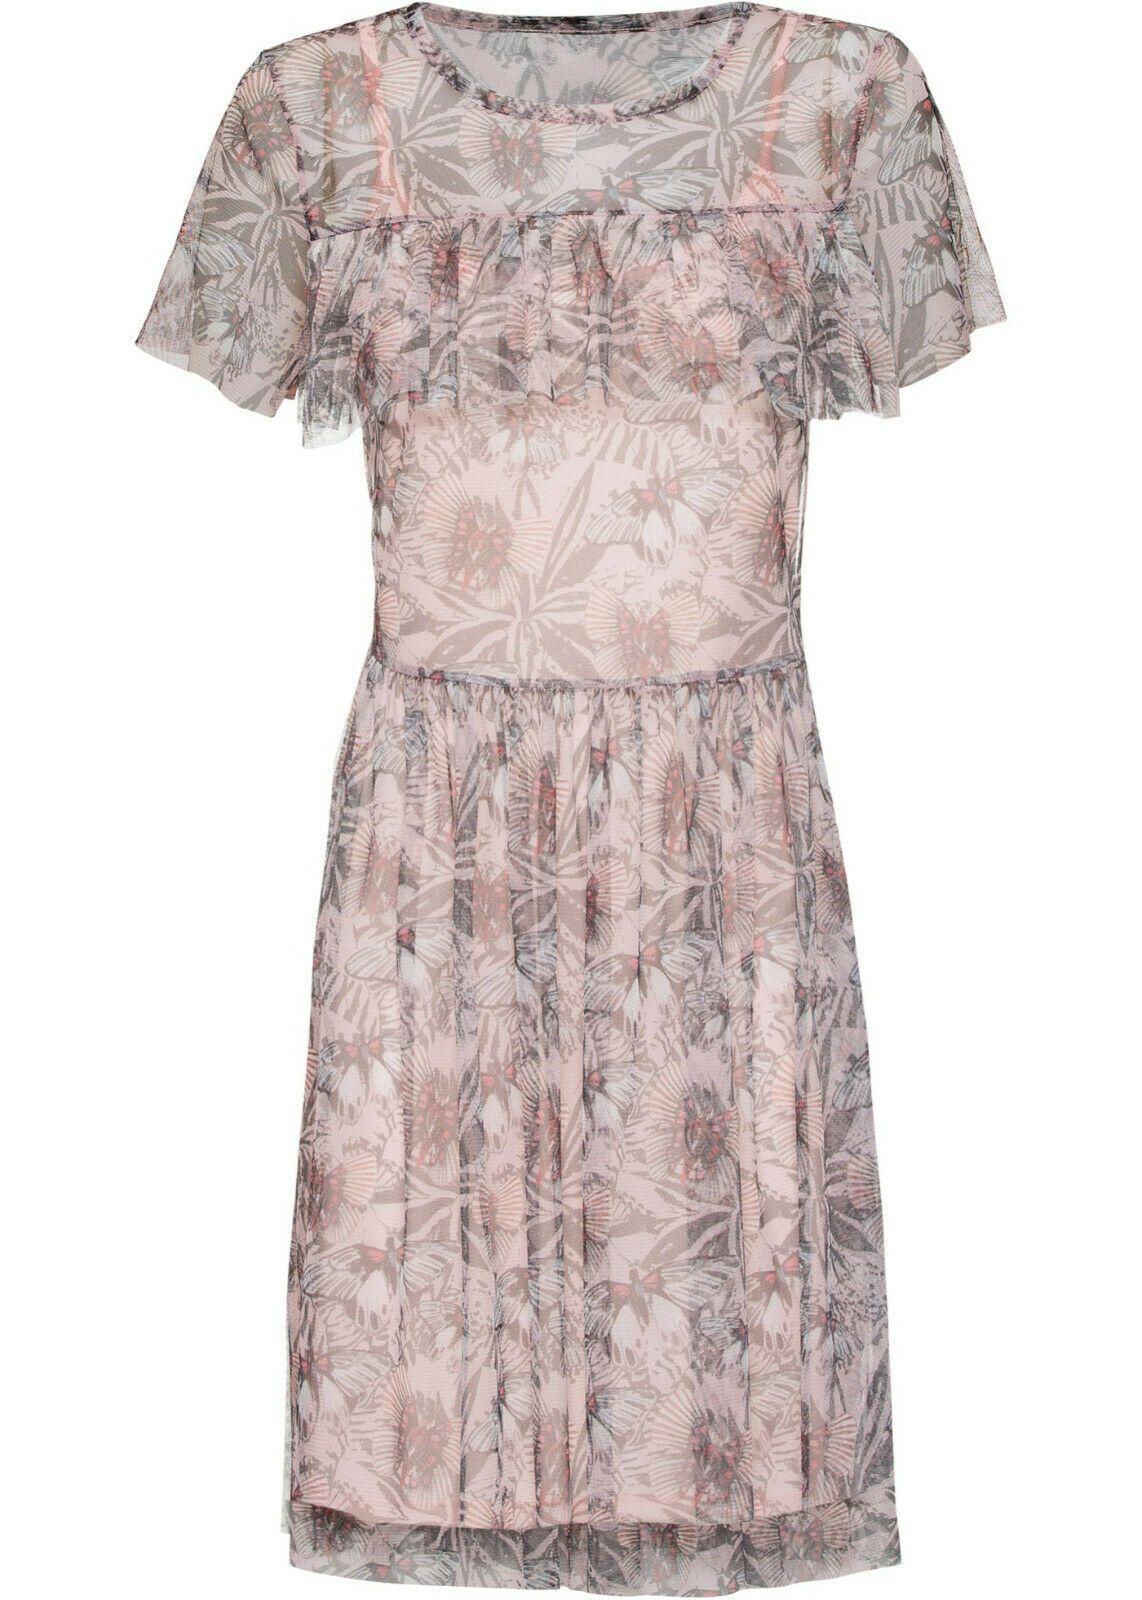 Schönes tolles Kleid in zartrosa gemustert Gr. 14/14 Q14 14